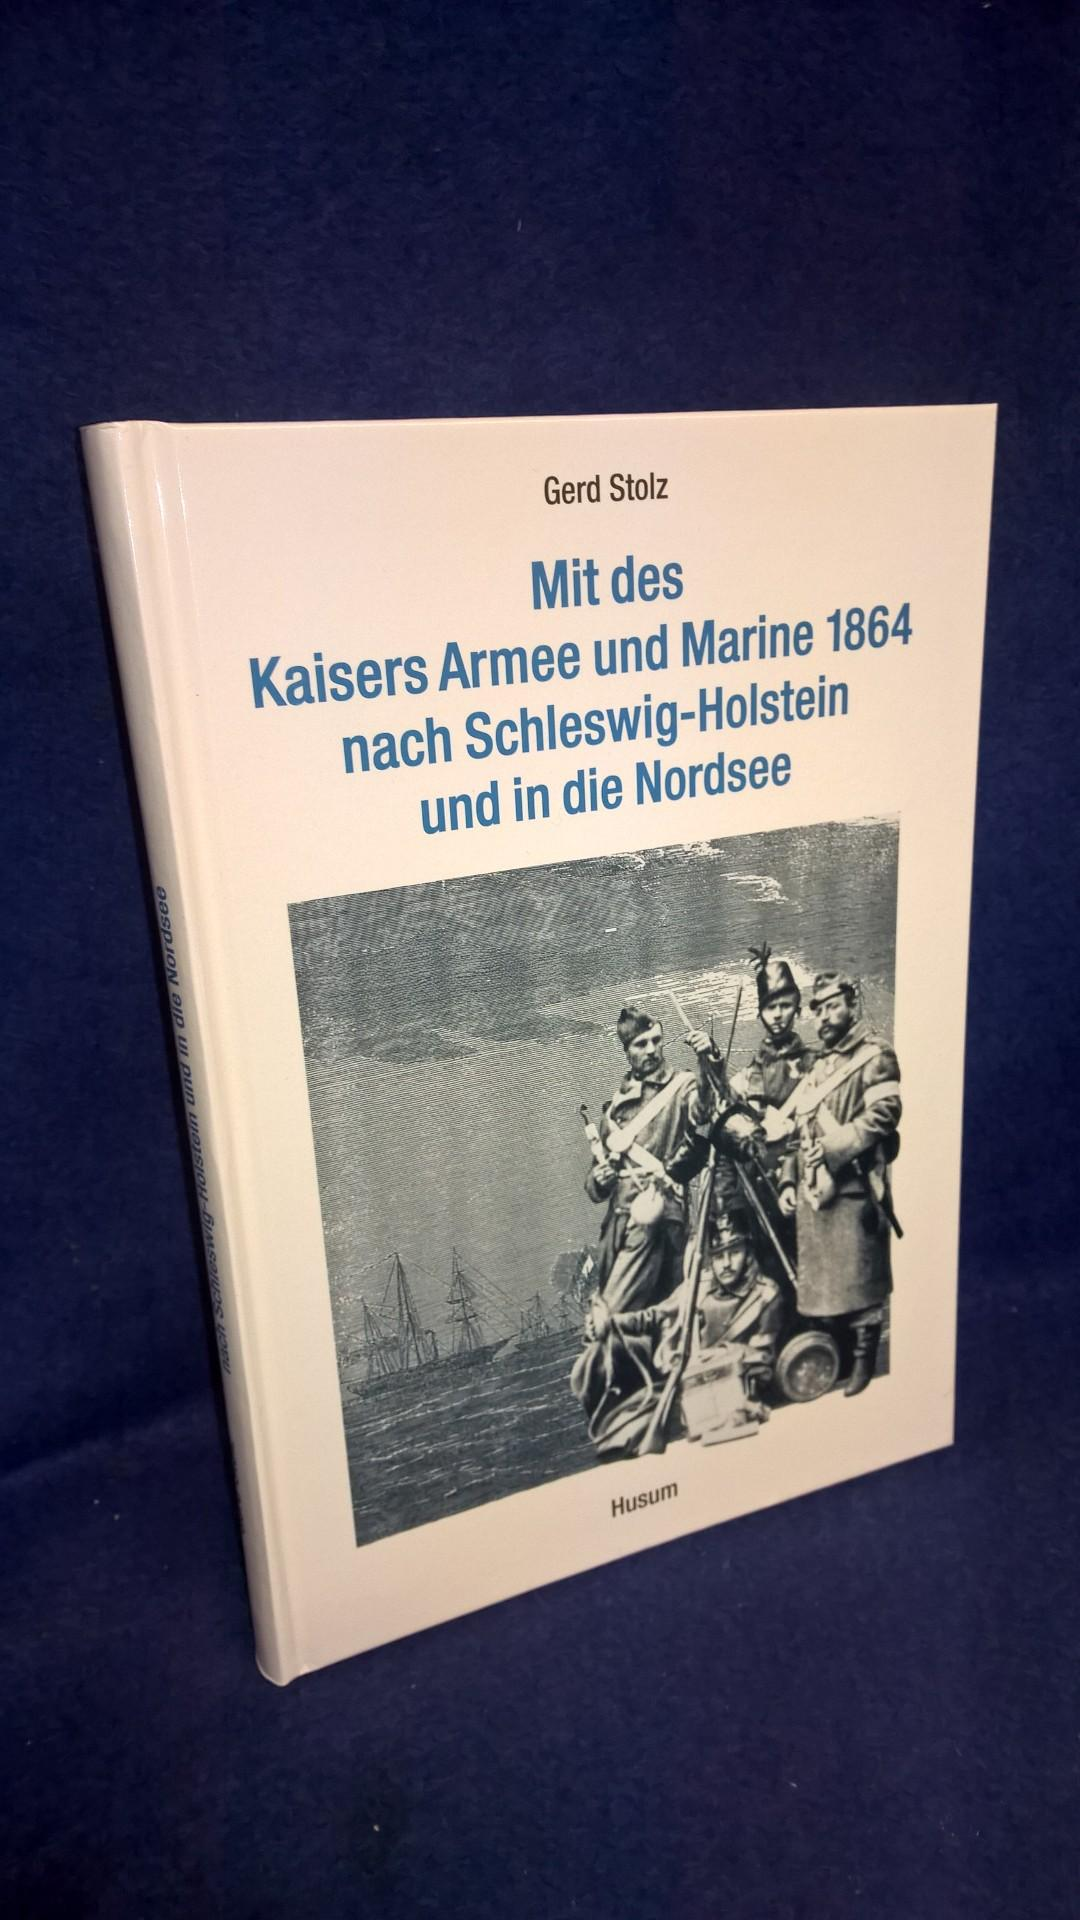 Mit des Kaisers Armee und Marine 1864 nach Schleswig-Holstein und in die Nordsee.